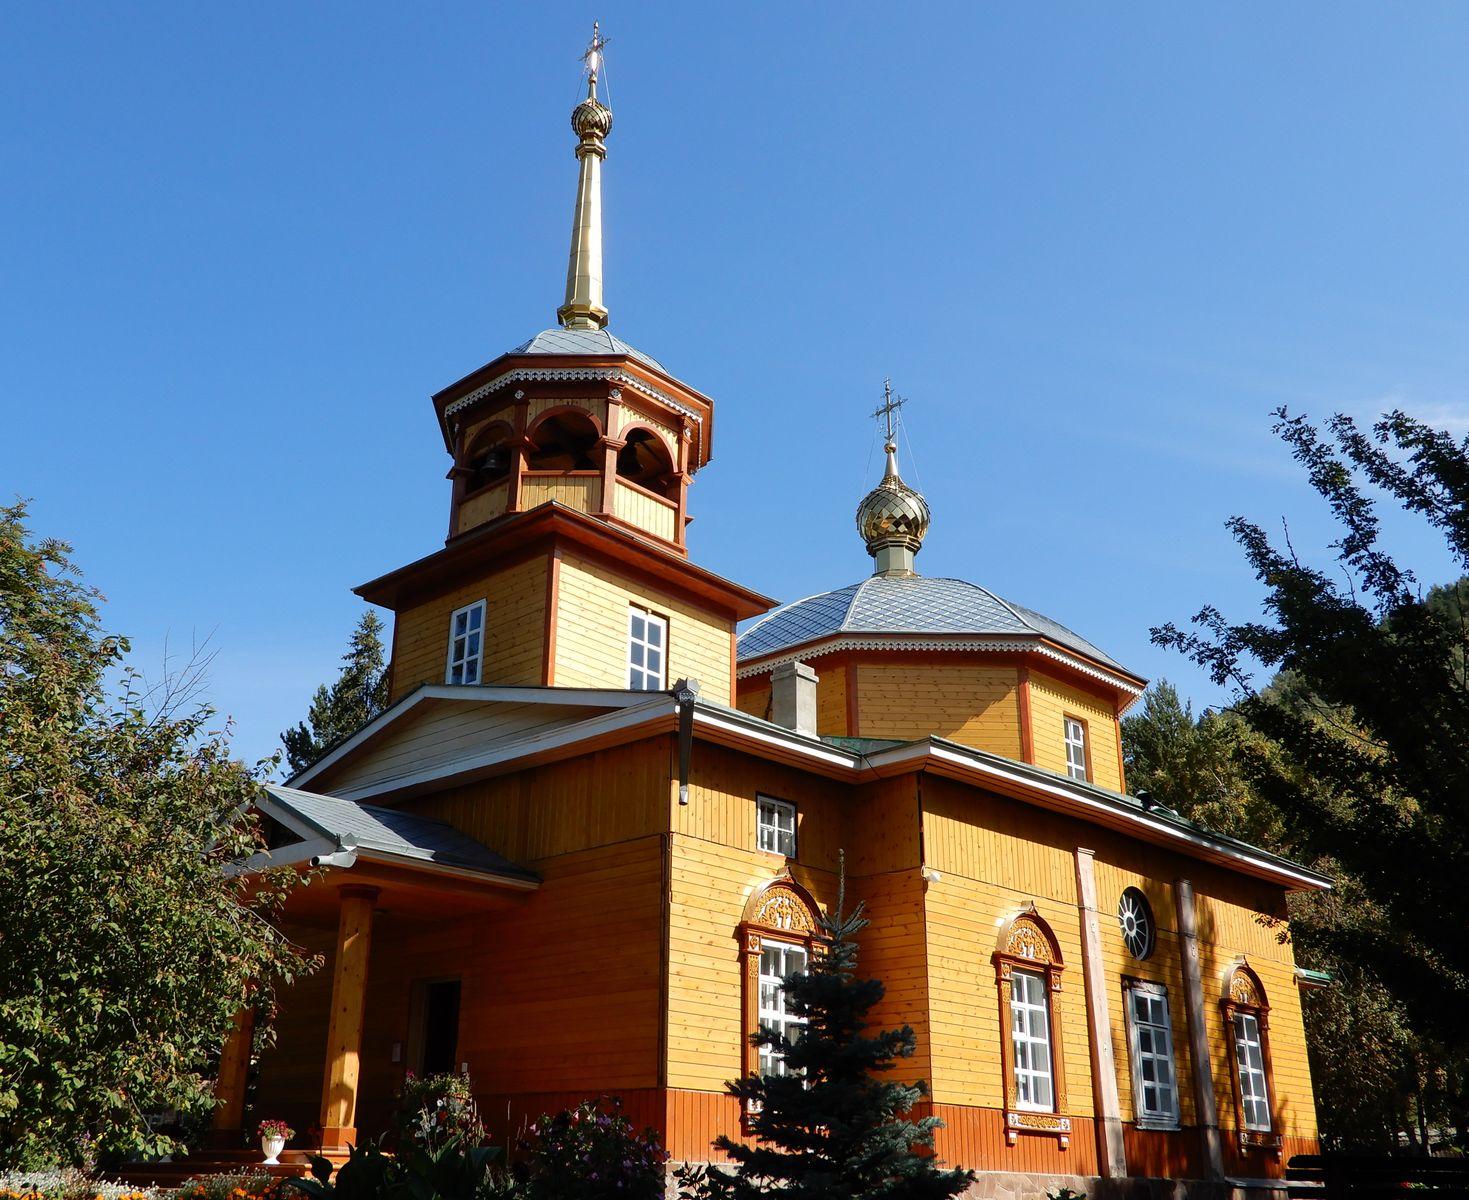 Nikolaikirche in Listvjanka